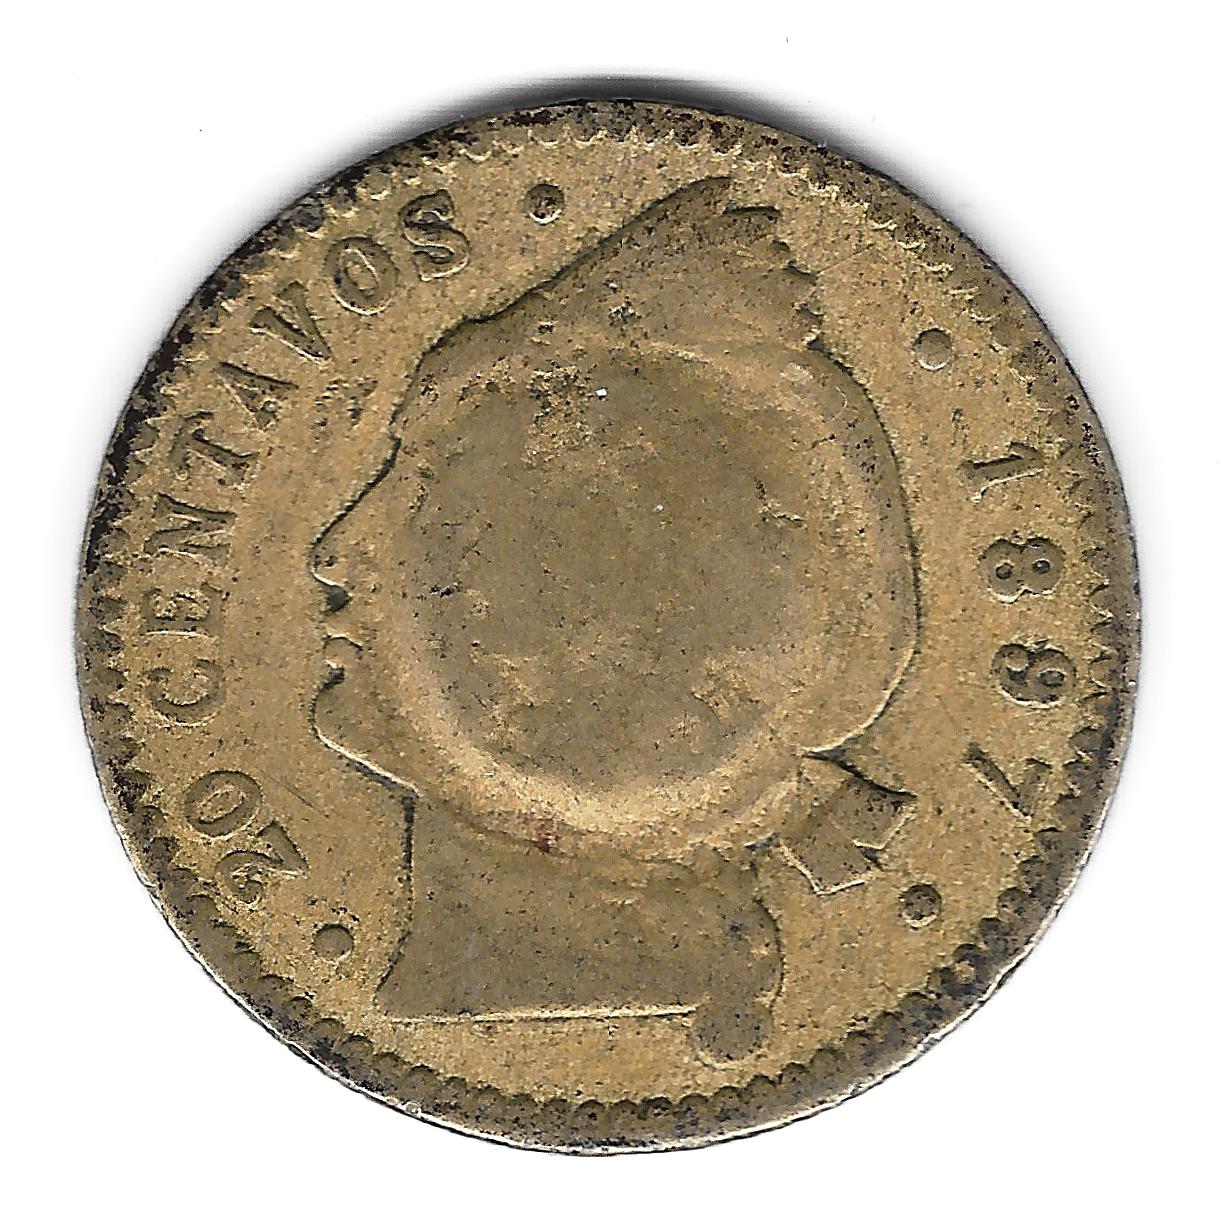 CM escudo sobre 20 ctv 1897 r